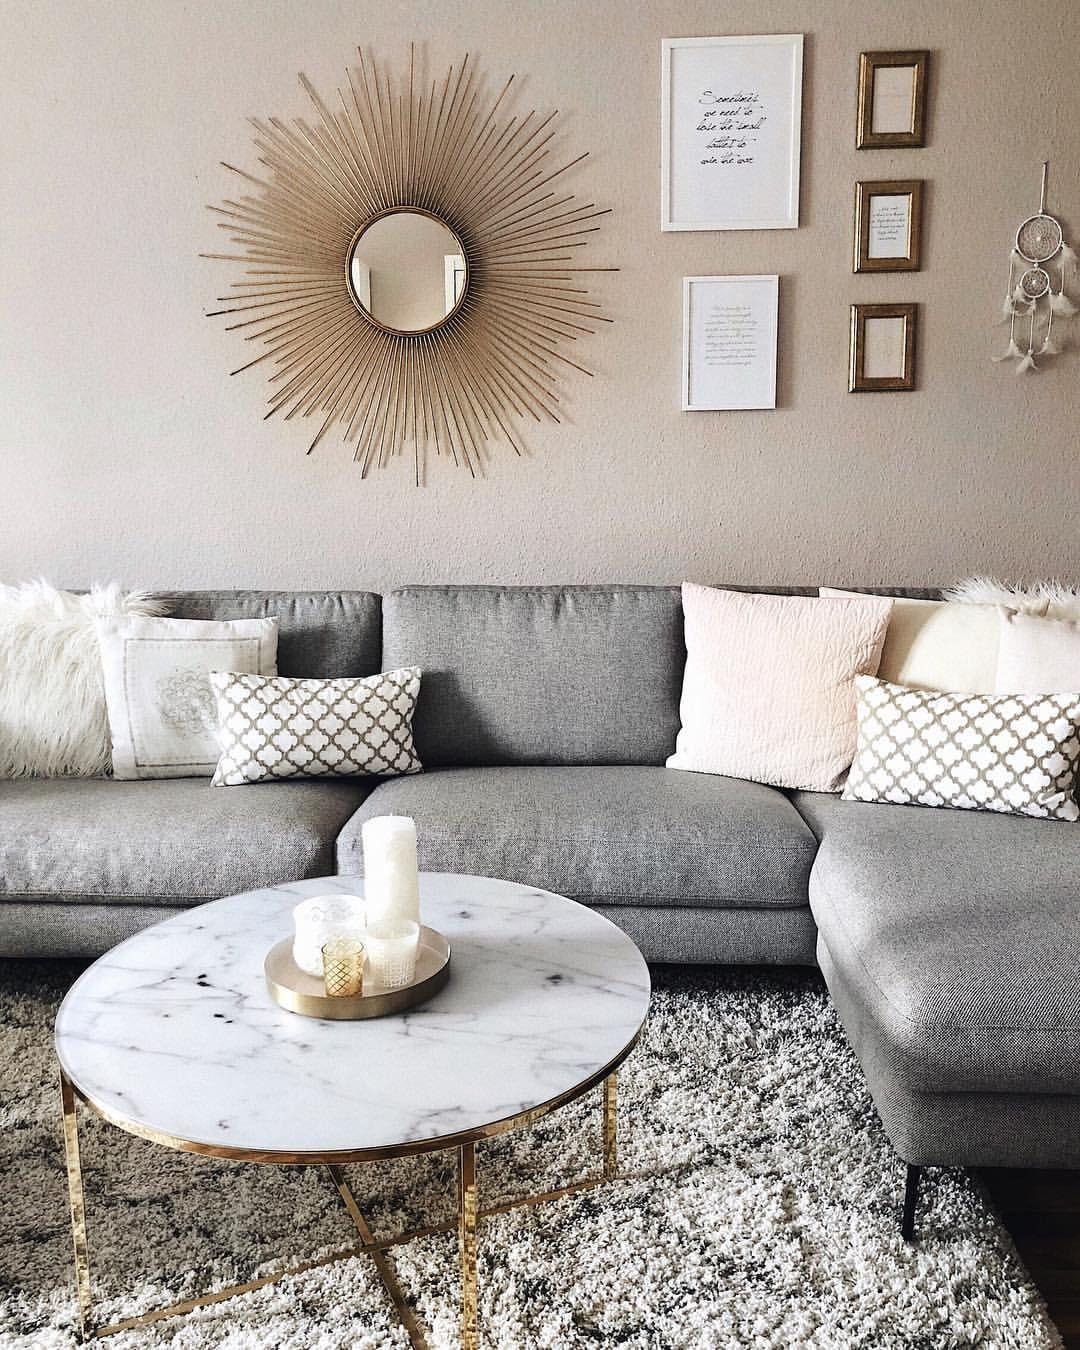 Werbung Giveaway Ihr Lieben In Zusammenarbeit Mit Benuta Darf Ich Einen 100 Gutschein Home Decor Interior Design Living Room Modern Home